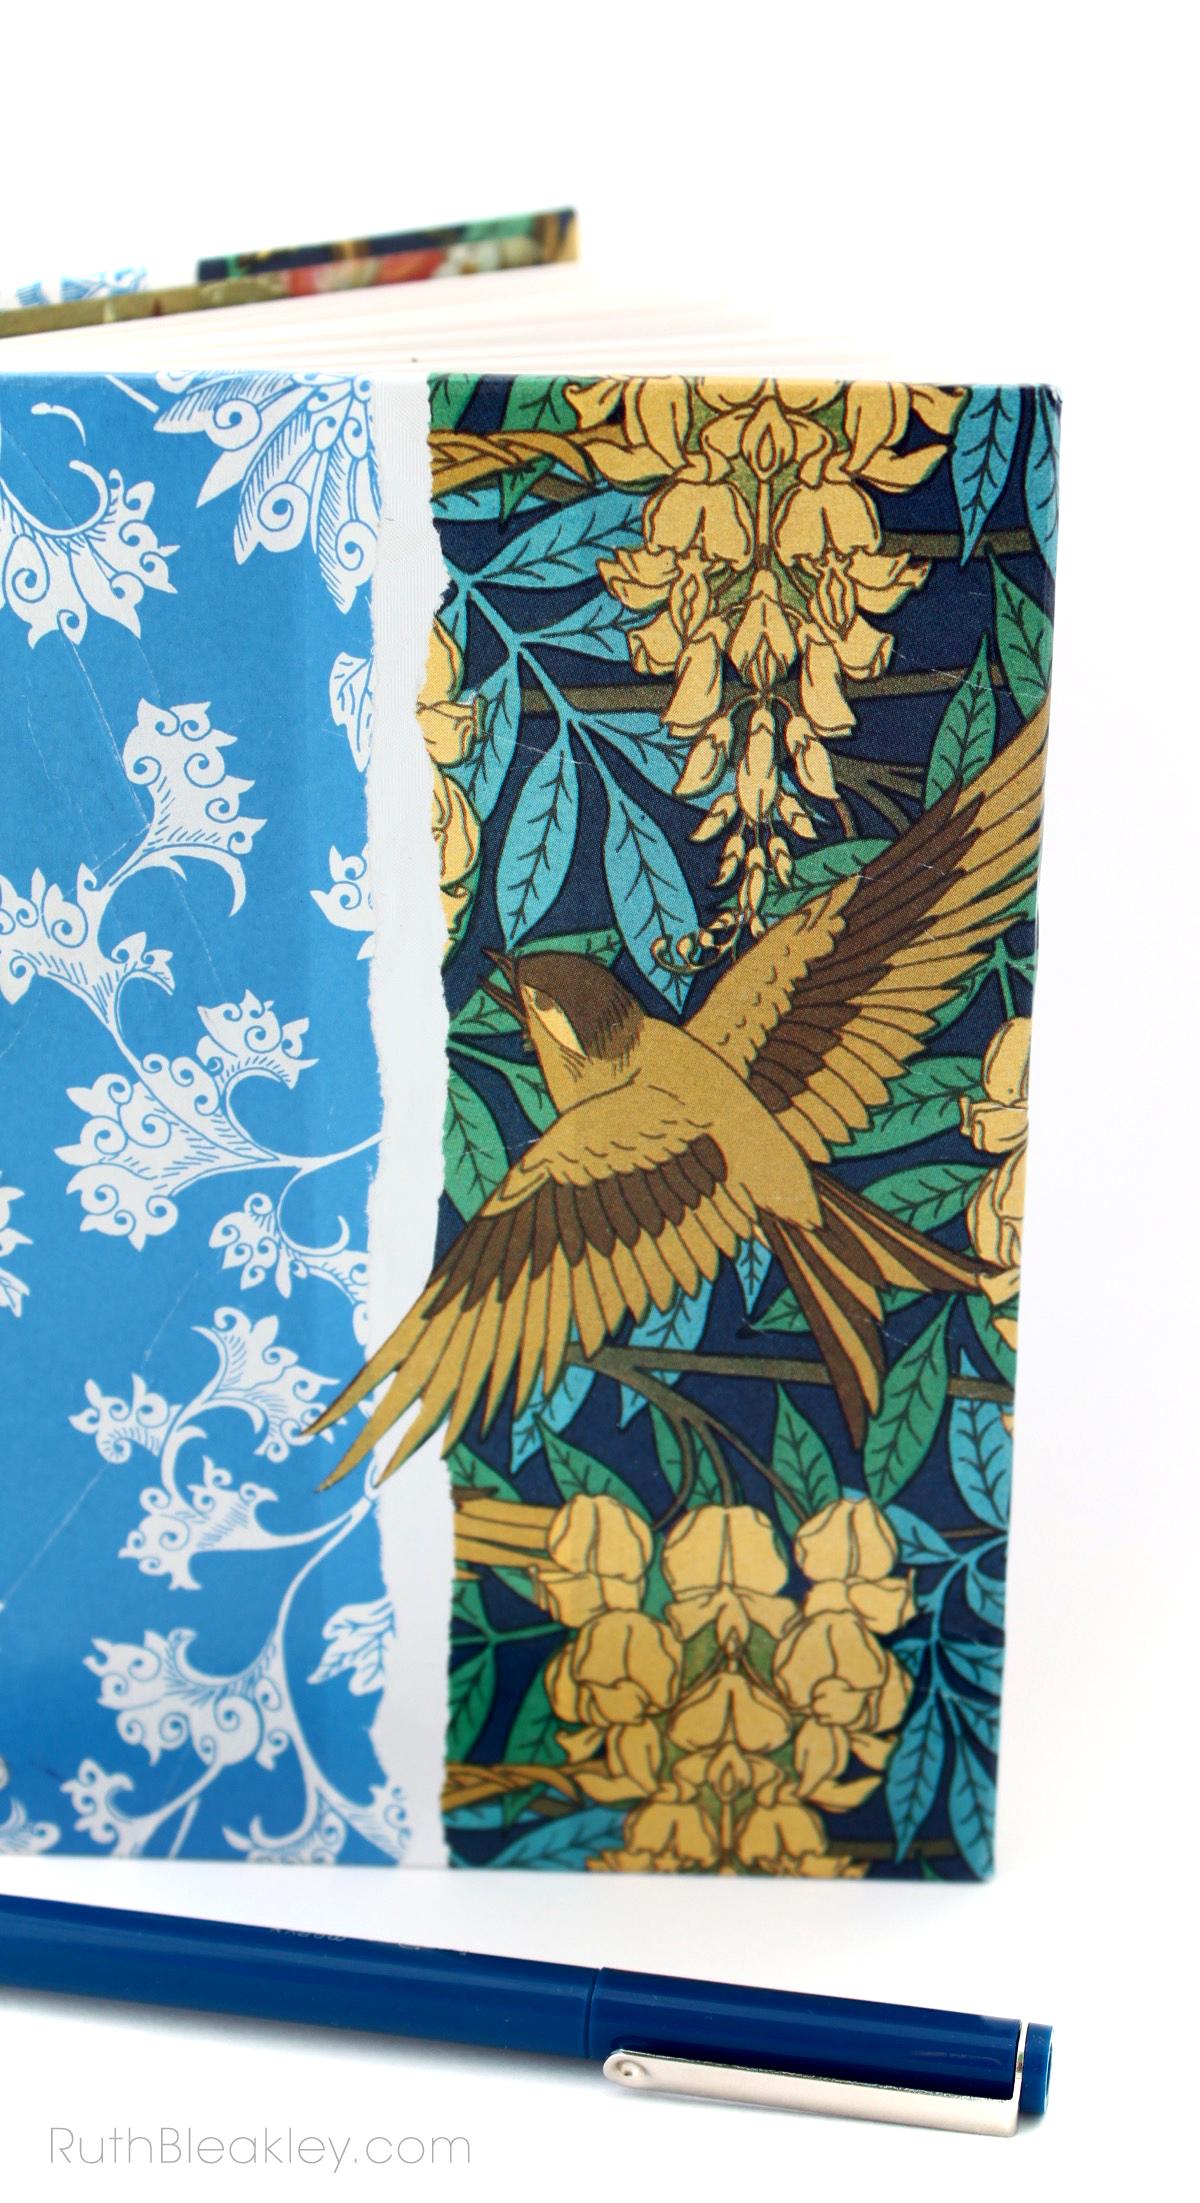 Sparrow Art Nouveau Journal handmade by bookbinder Ruth Bleakley - 5